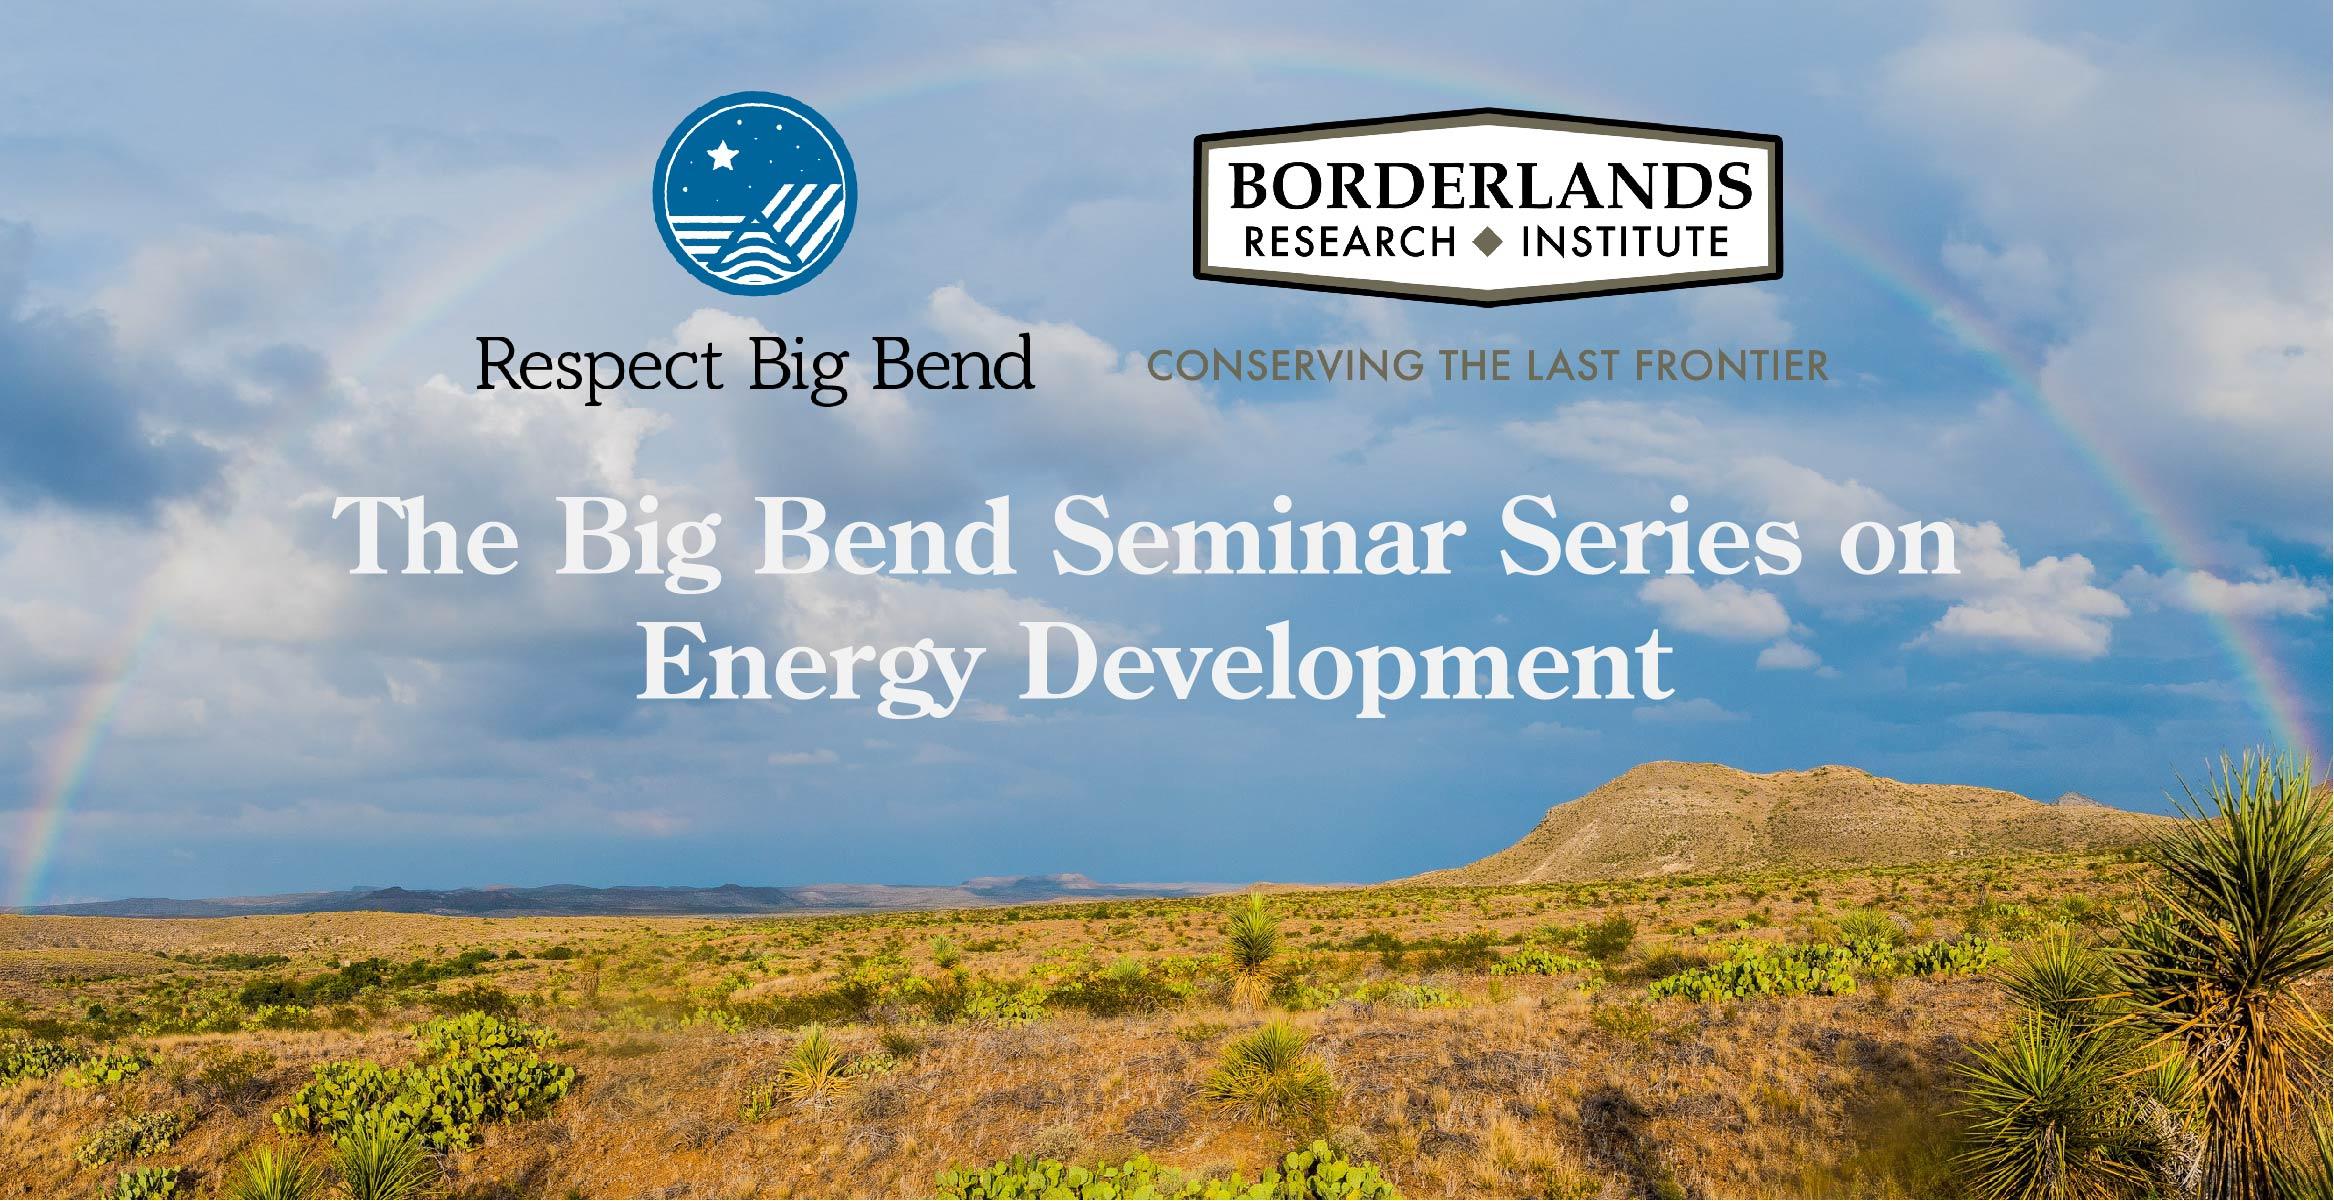 Borderlands Research Institute